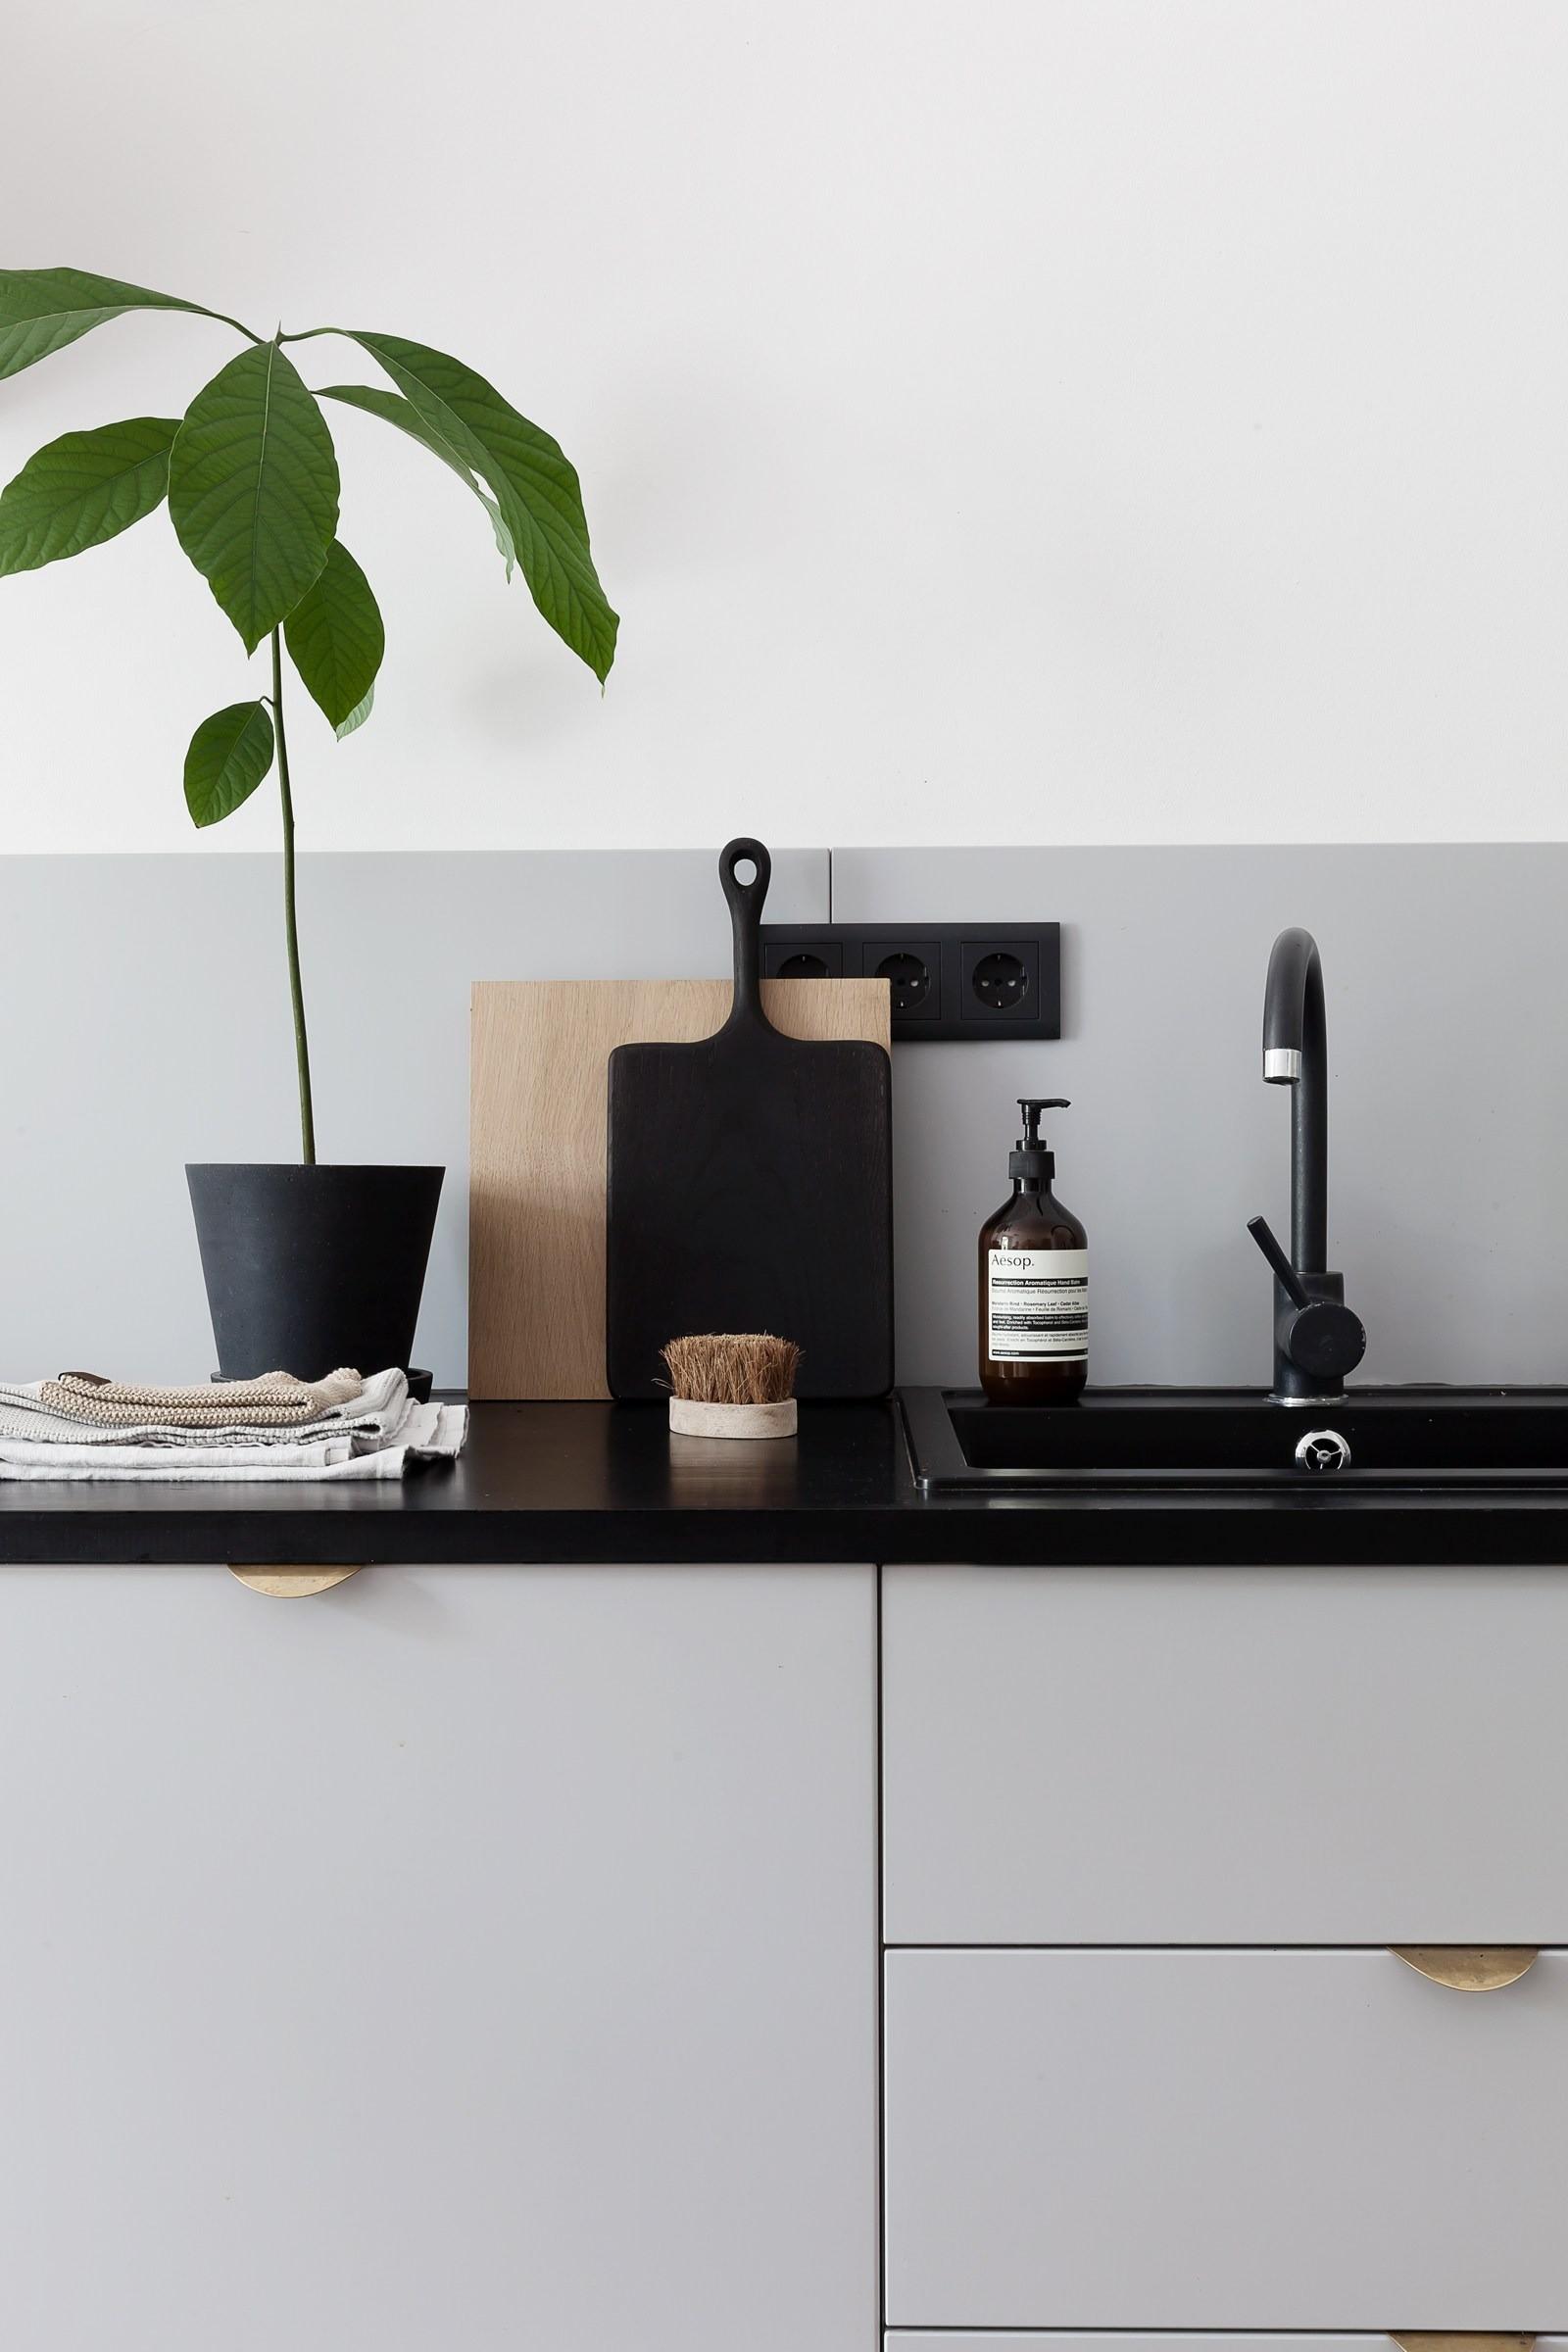 10 самых грязных мест в квартире, к которым нужно подходить с умом